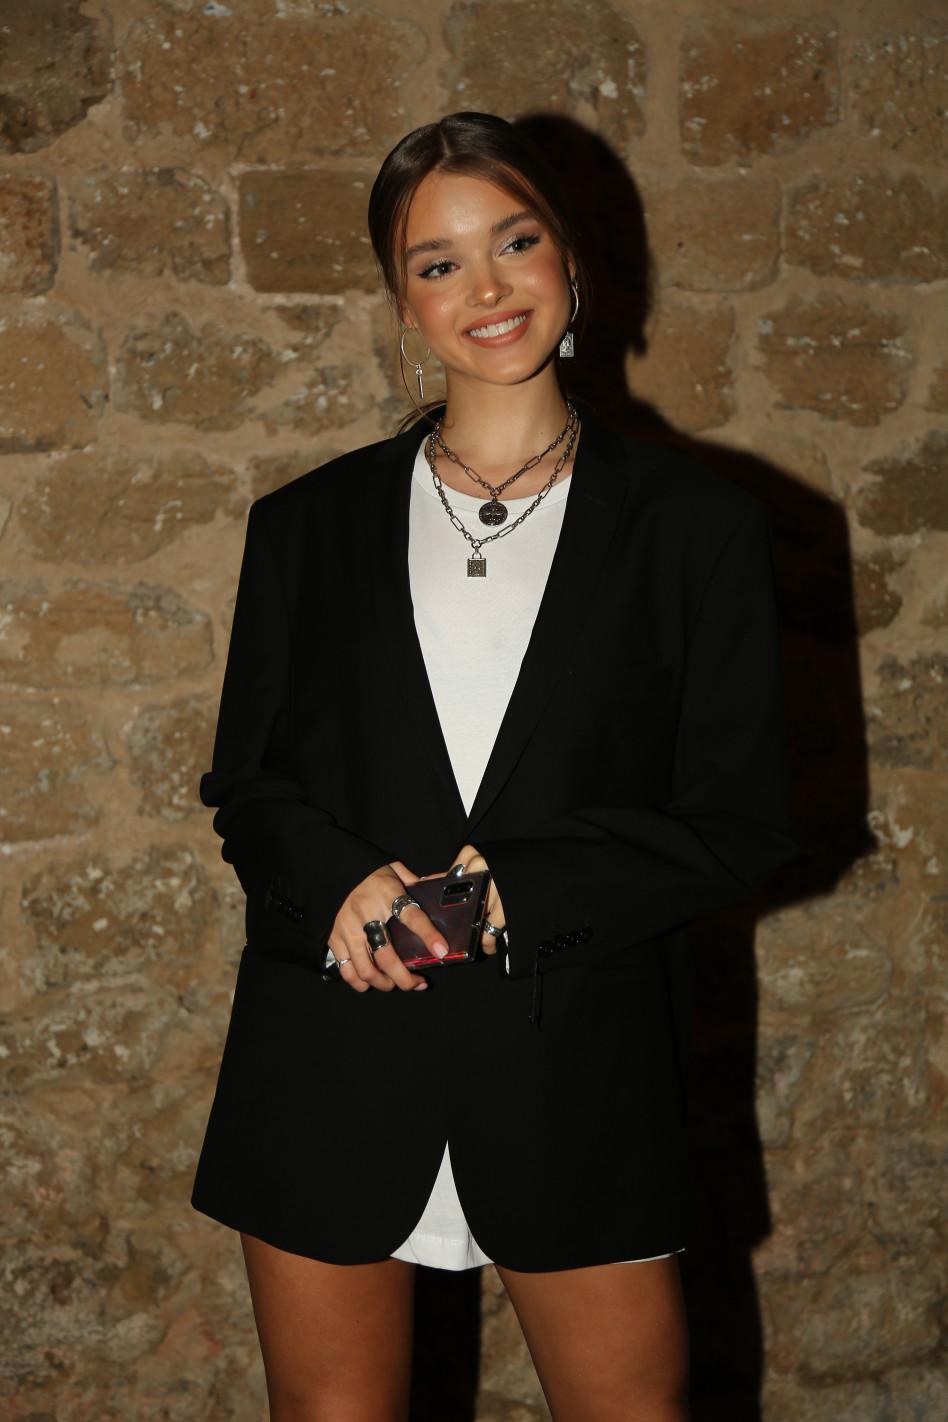 אנה זק (צילום: דור ערבה)